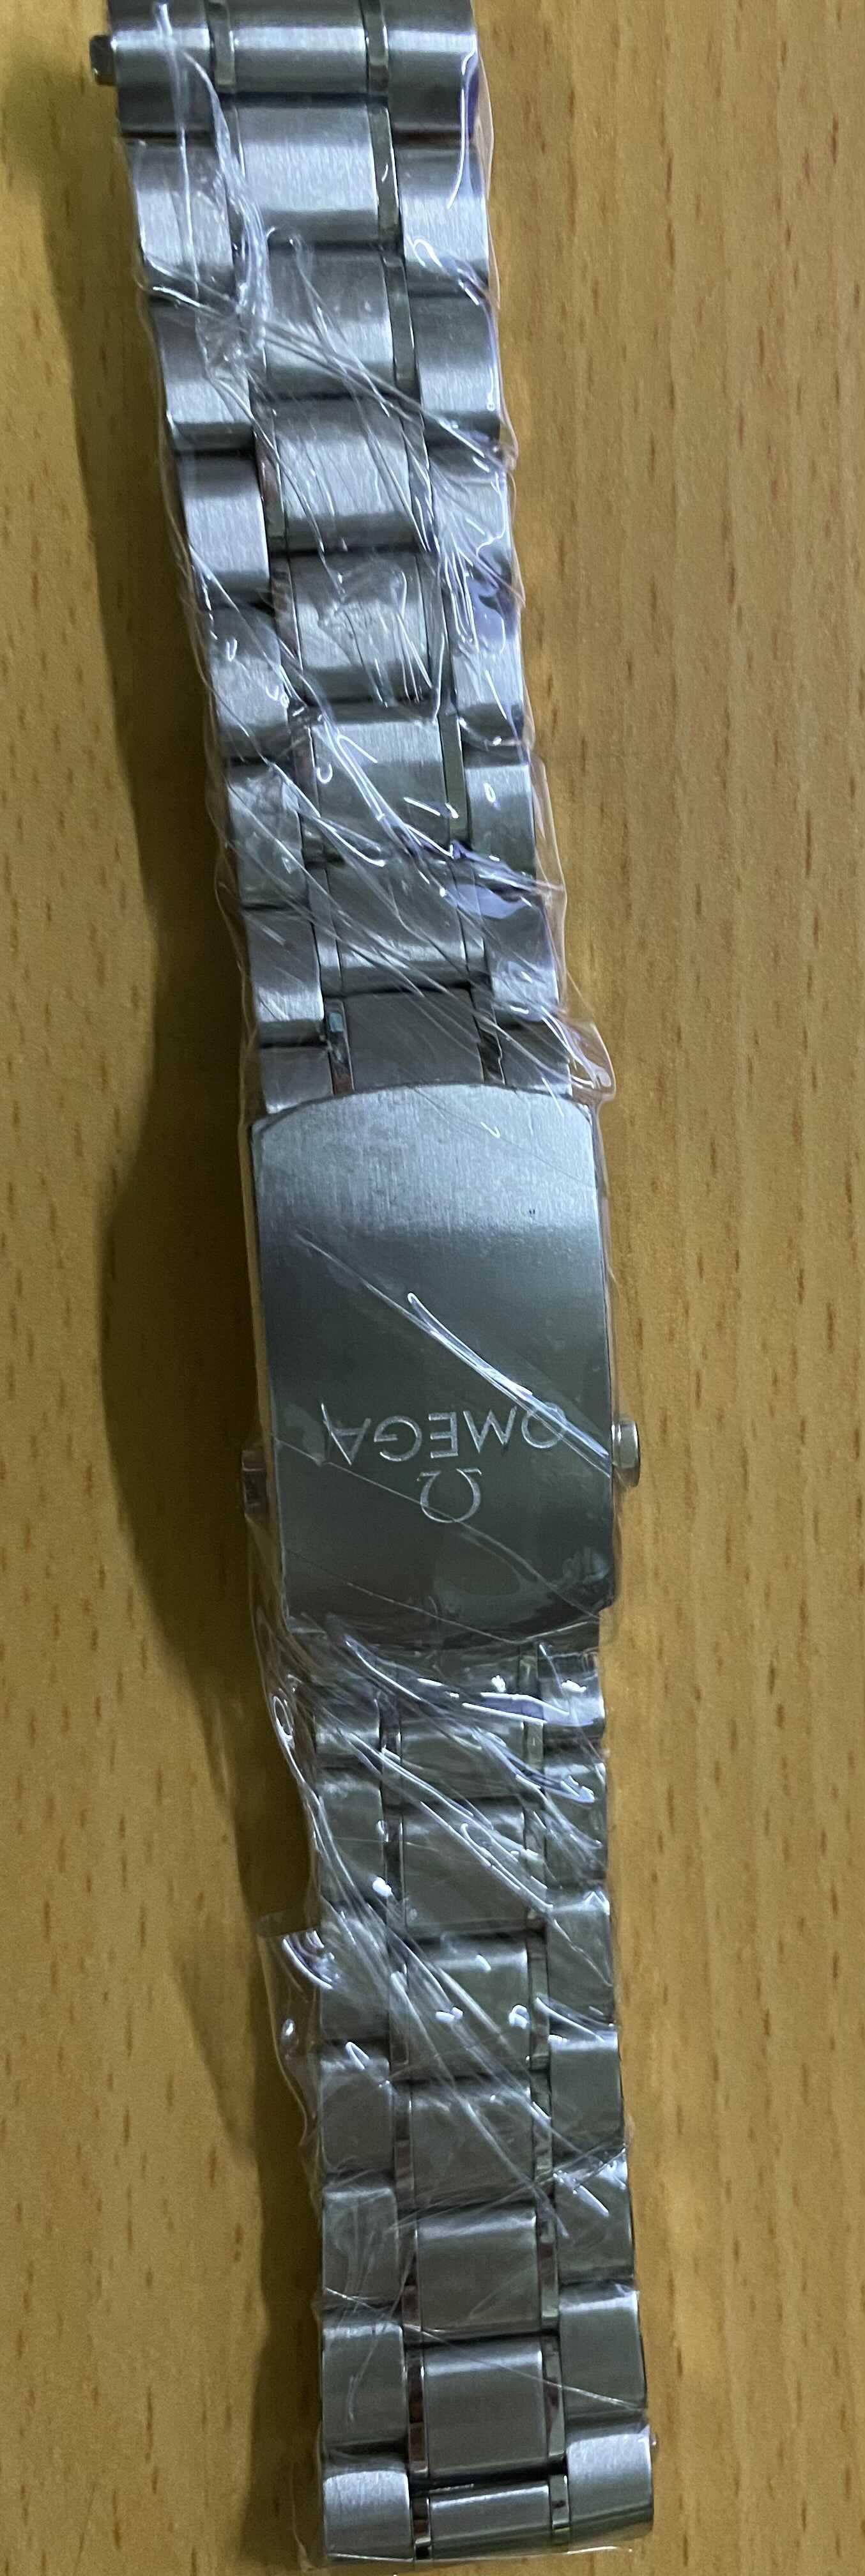 Omega 21mm登月鋼帶